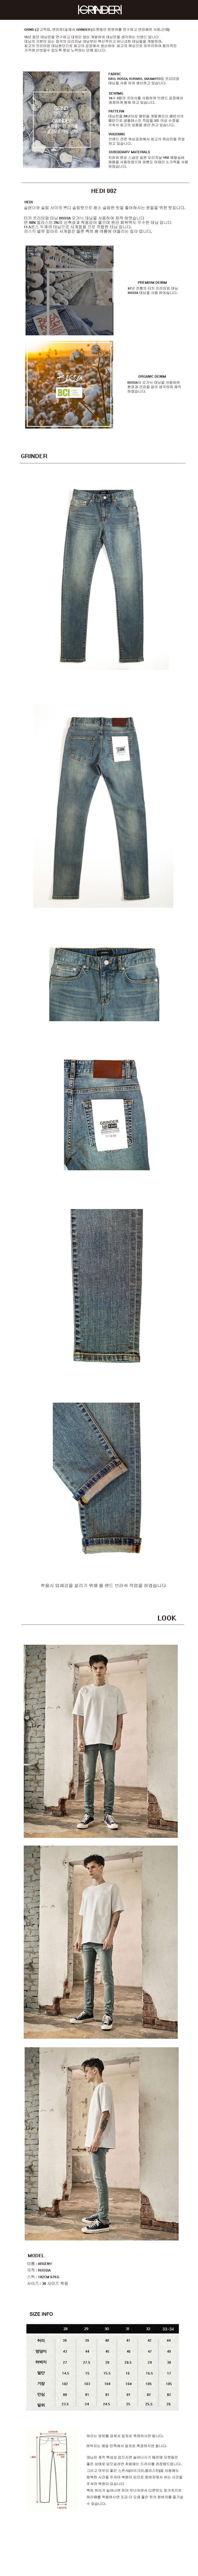 언터치드(UNTOUCHED) [GRINDER] HEDI 002 - BOSSA